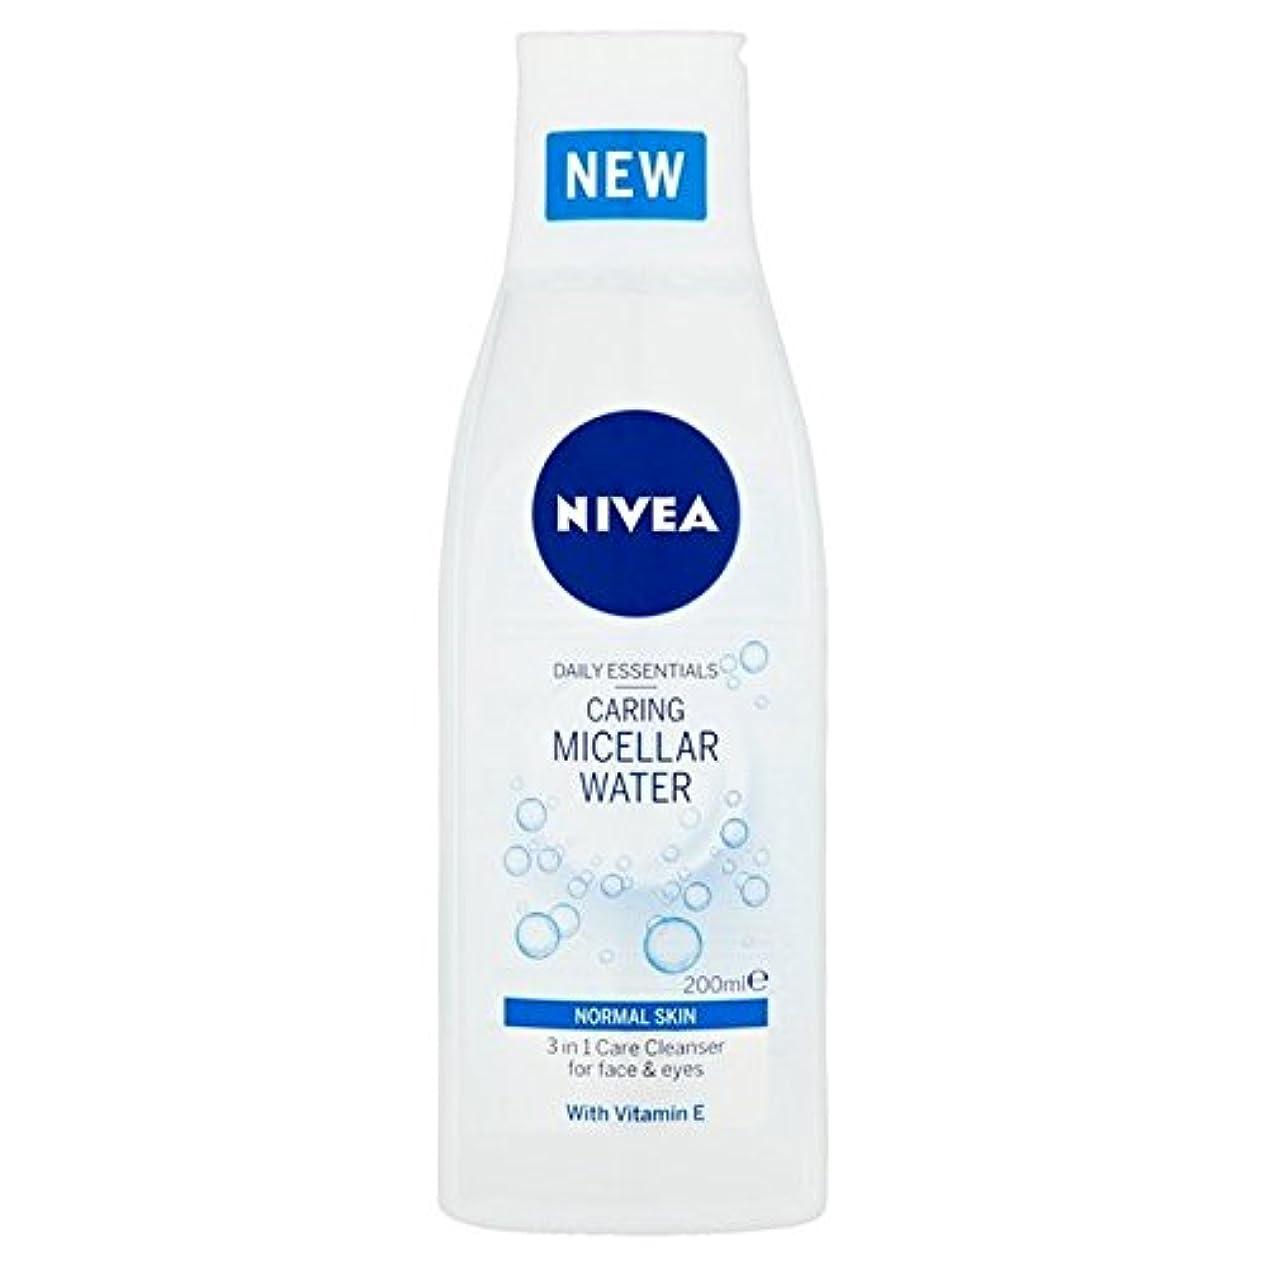 時代遅れ深く副産物Nivea 3 in 1 Sensitive Caring Micellar Water Normal Skin 200ml - 1つの敏感な思いやりのあるミセル水の正常な皮膚の200ミリリットルでニベア3 [並行輸入品]